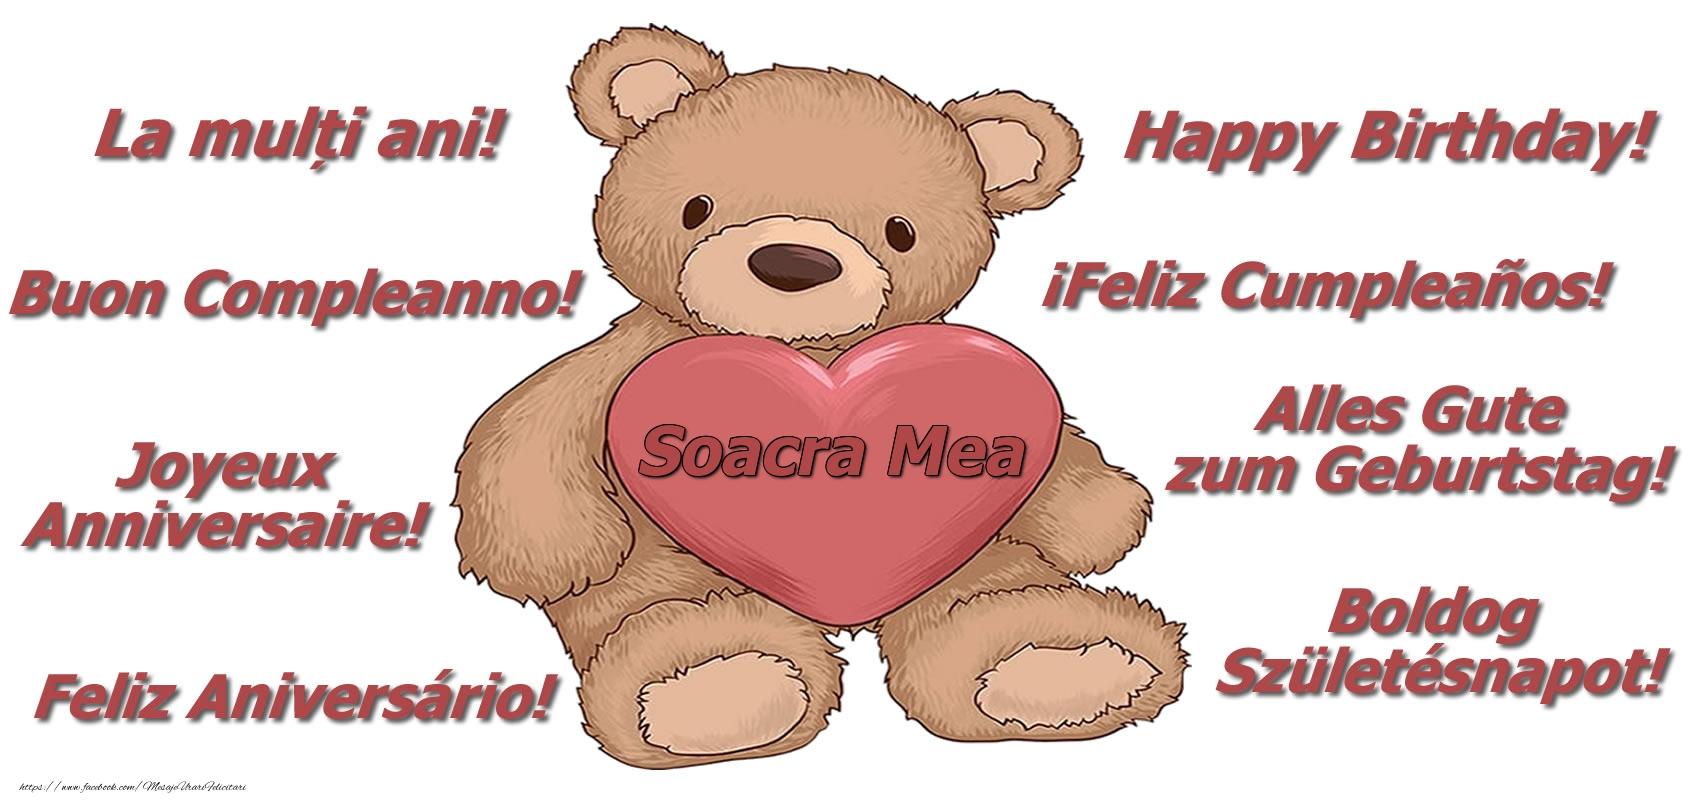 Felicitari frumoase de zi de nastere pentru Soacra | La multi ani soacra mea! - Ursulet